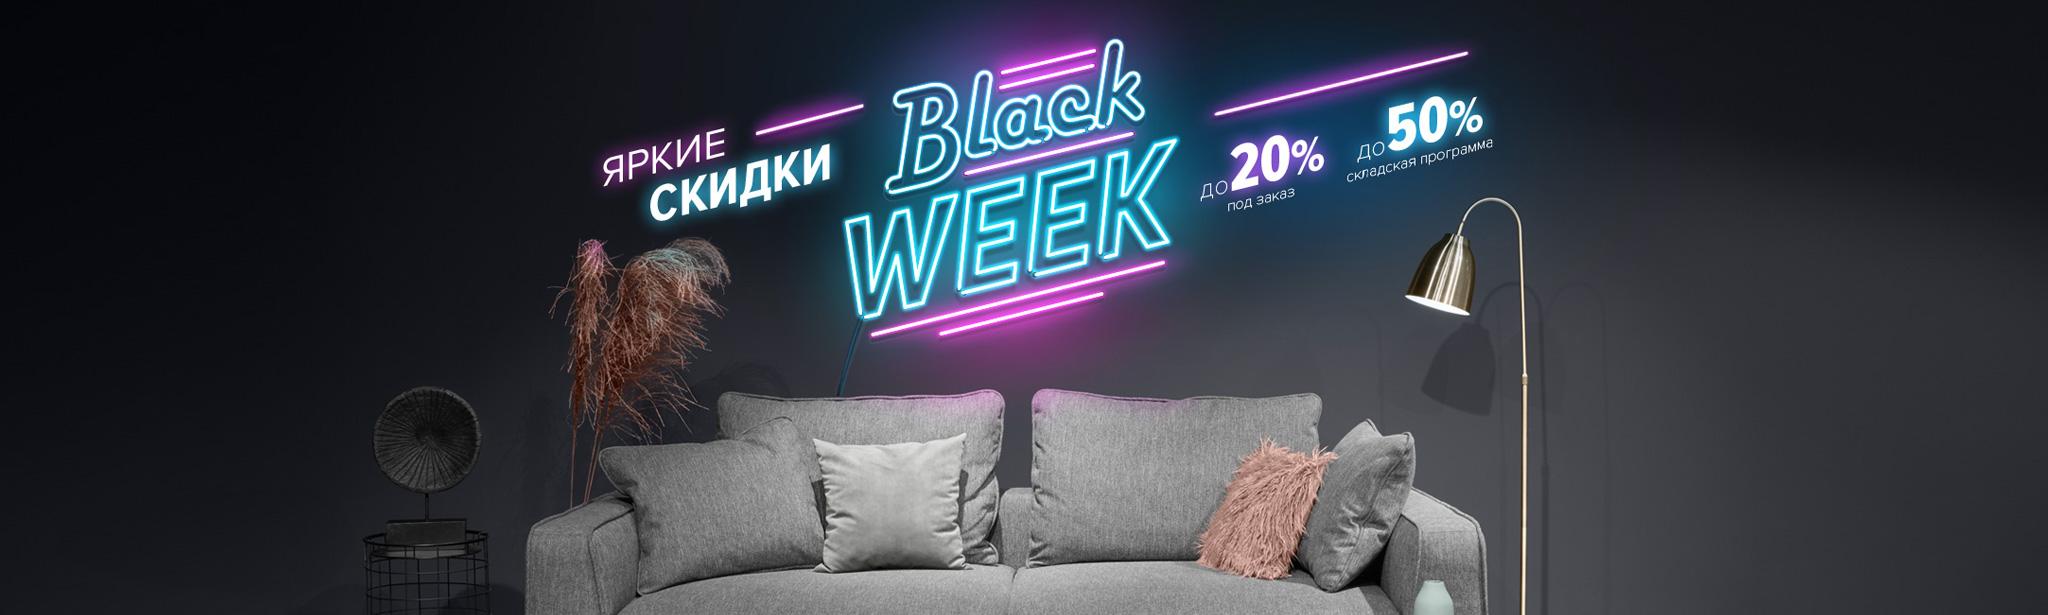 Черная пятница 2020 от ROSHE – это целая неделя СКИДОК до 50%